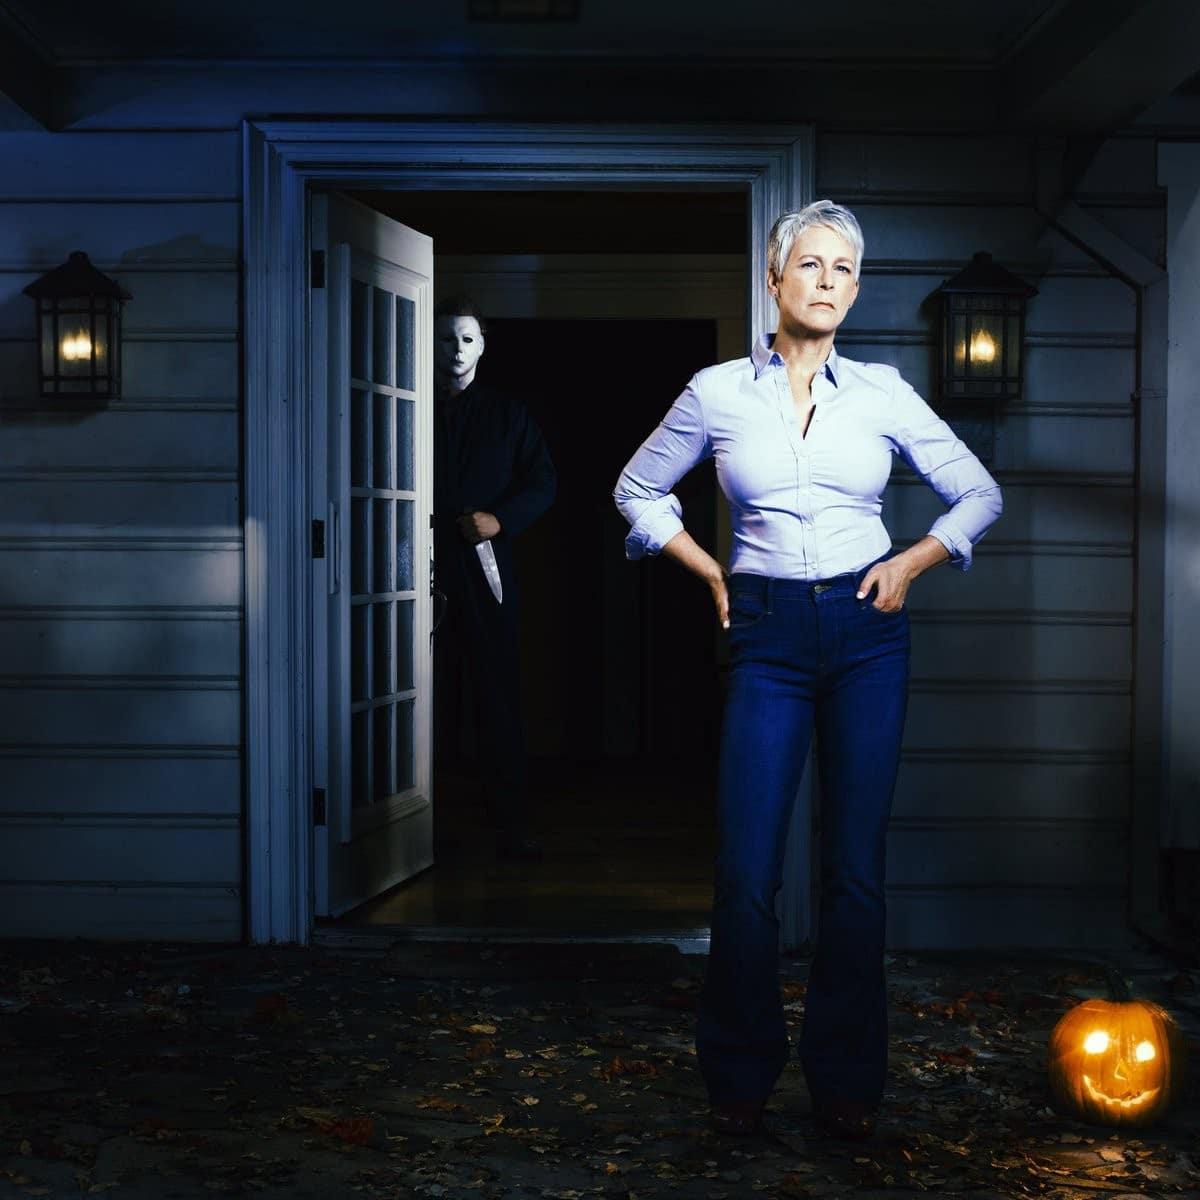 Halloween-2018-Jamie-Lee-Curtis